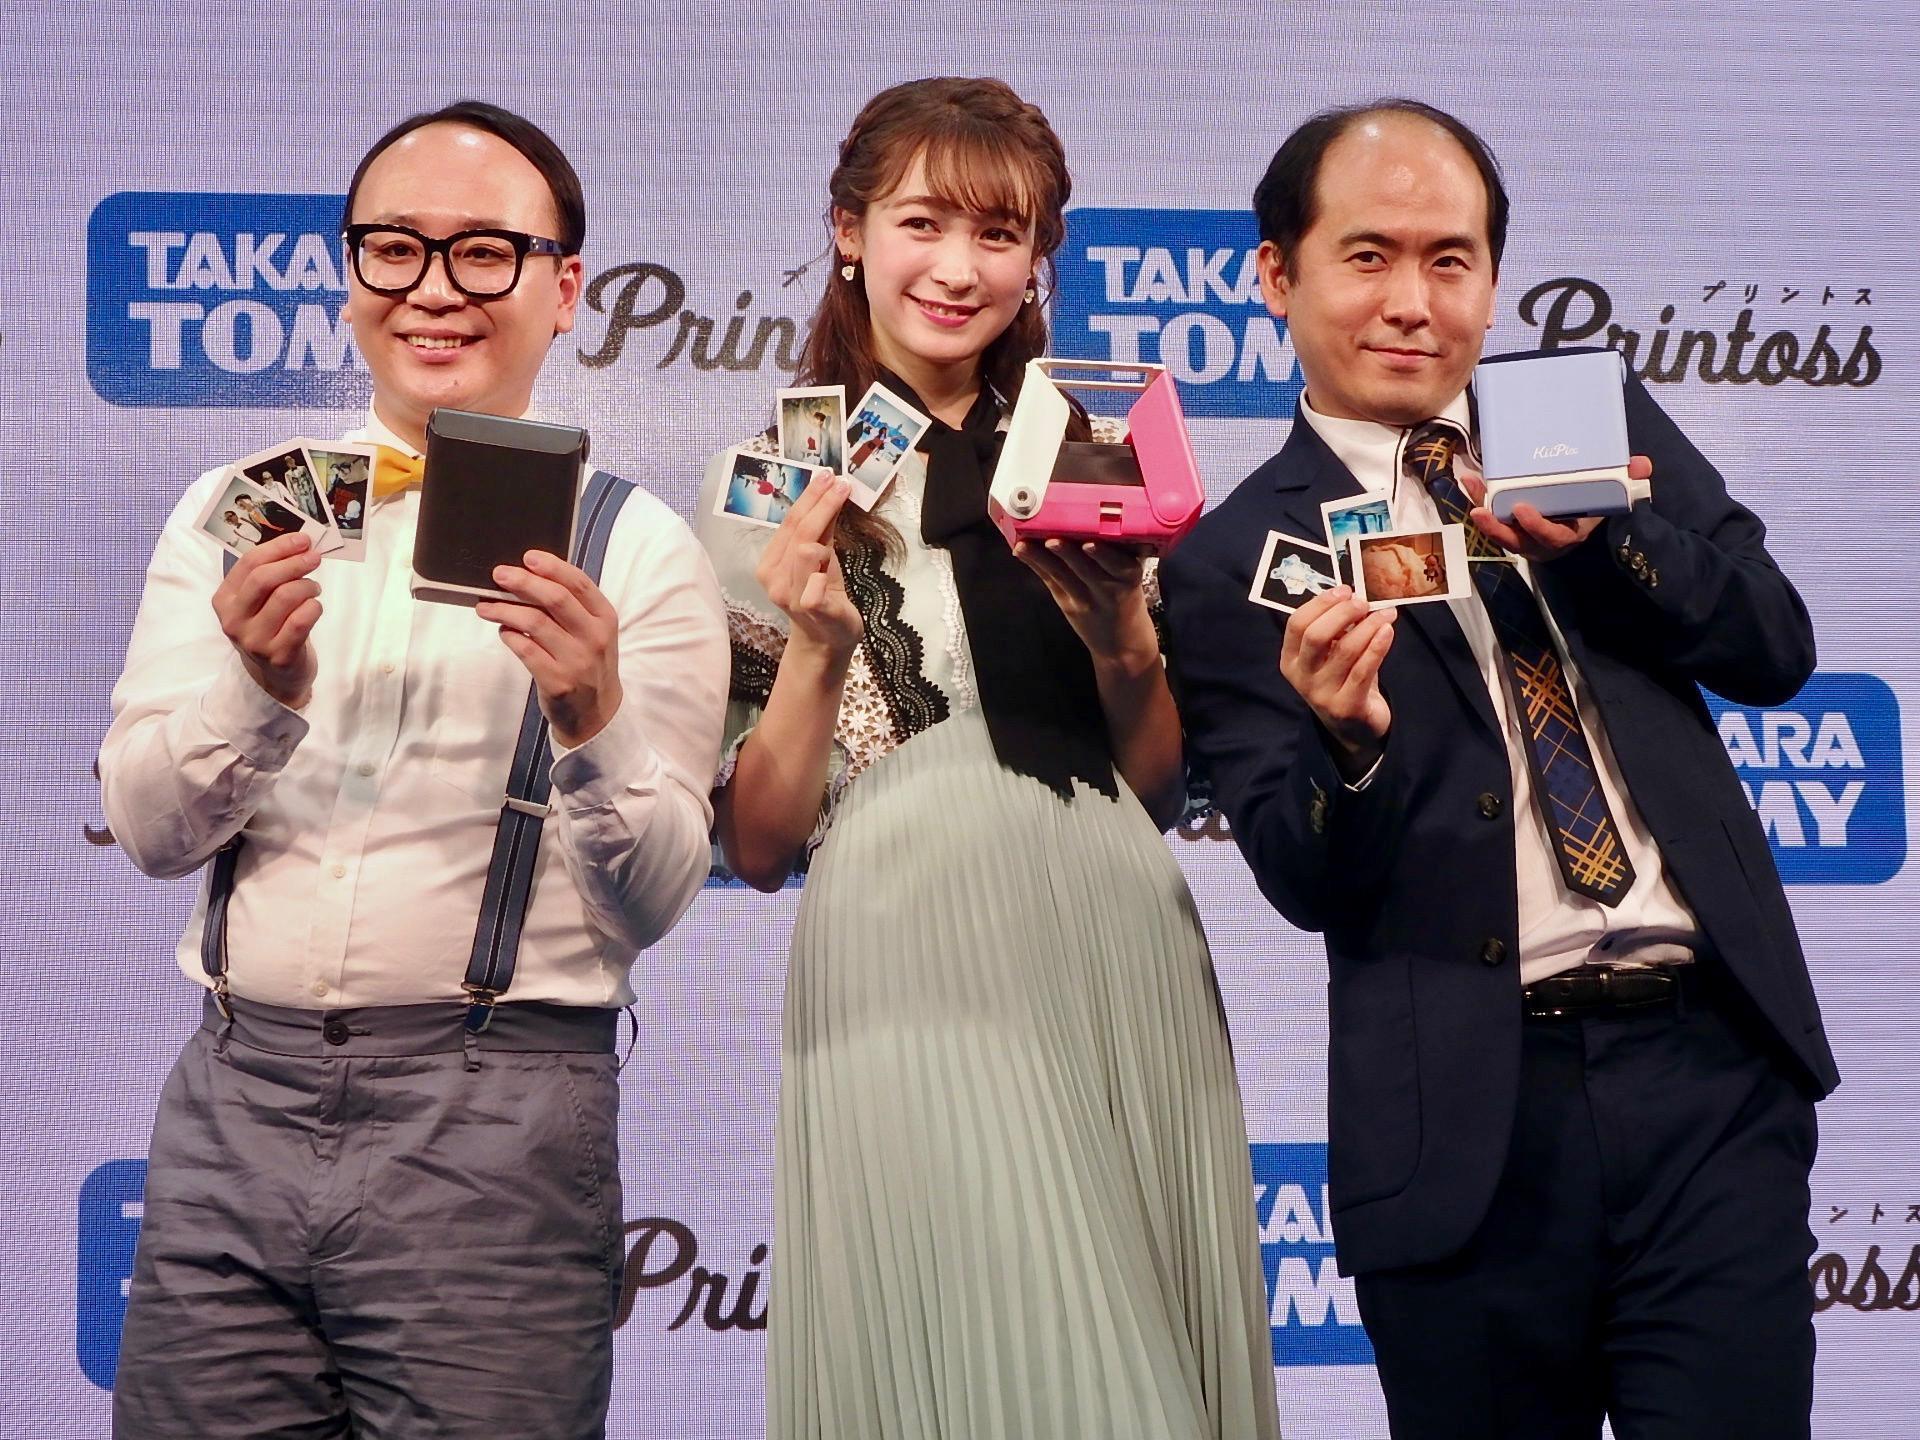 http://news.yoshimoto.co.jp/20180608134539-6aa308102d66d122c925c6f79caad0a2caeda6f1.jpg